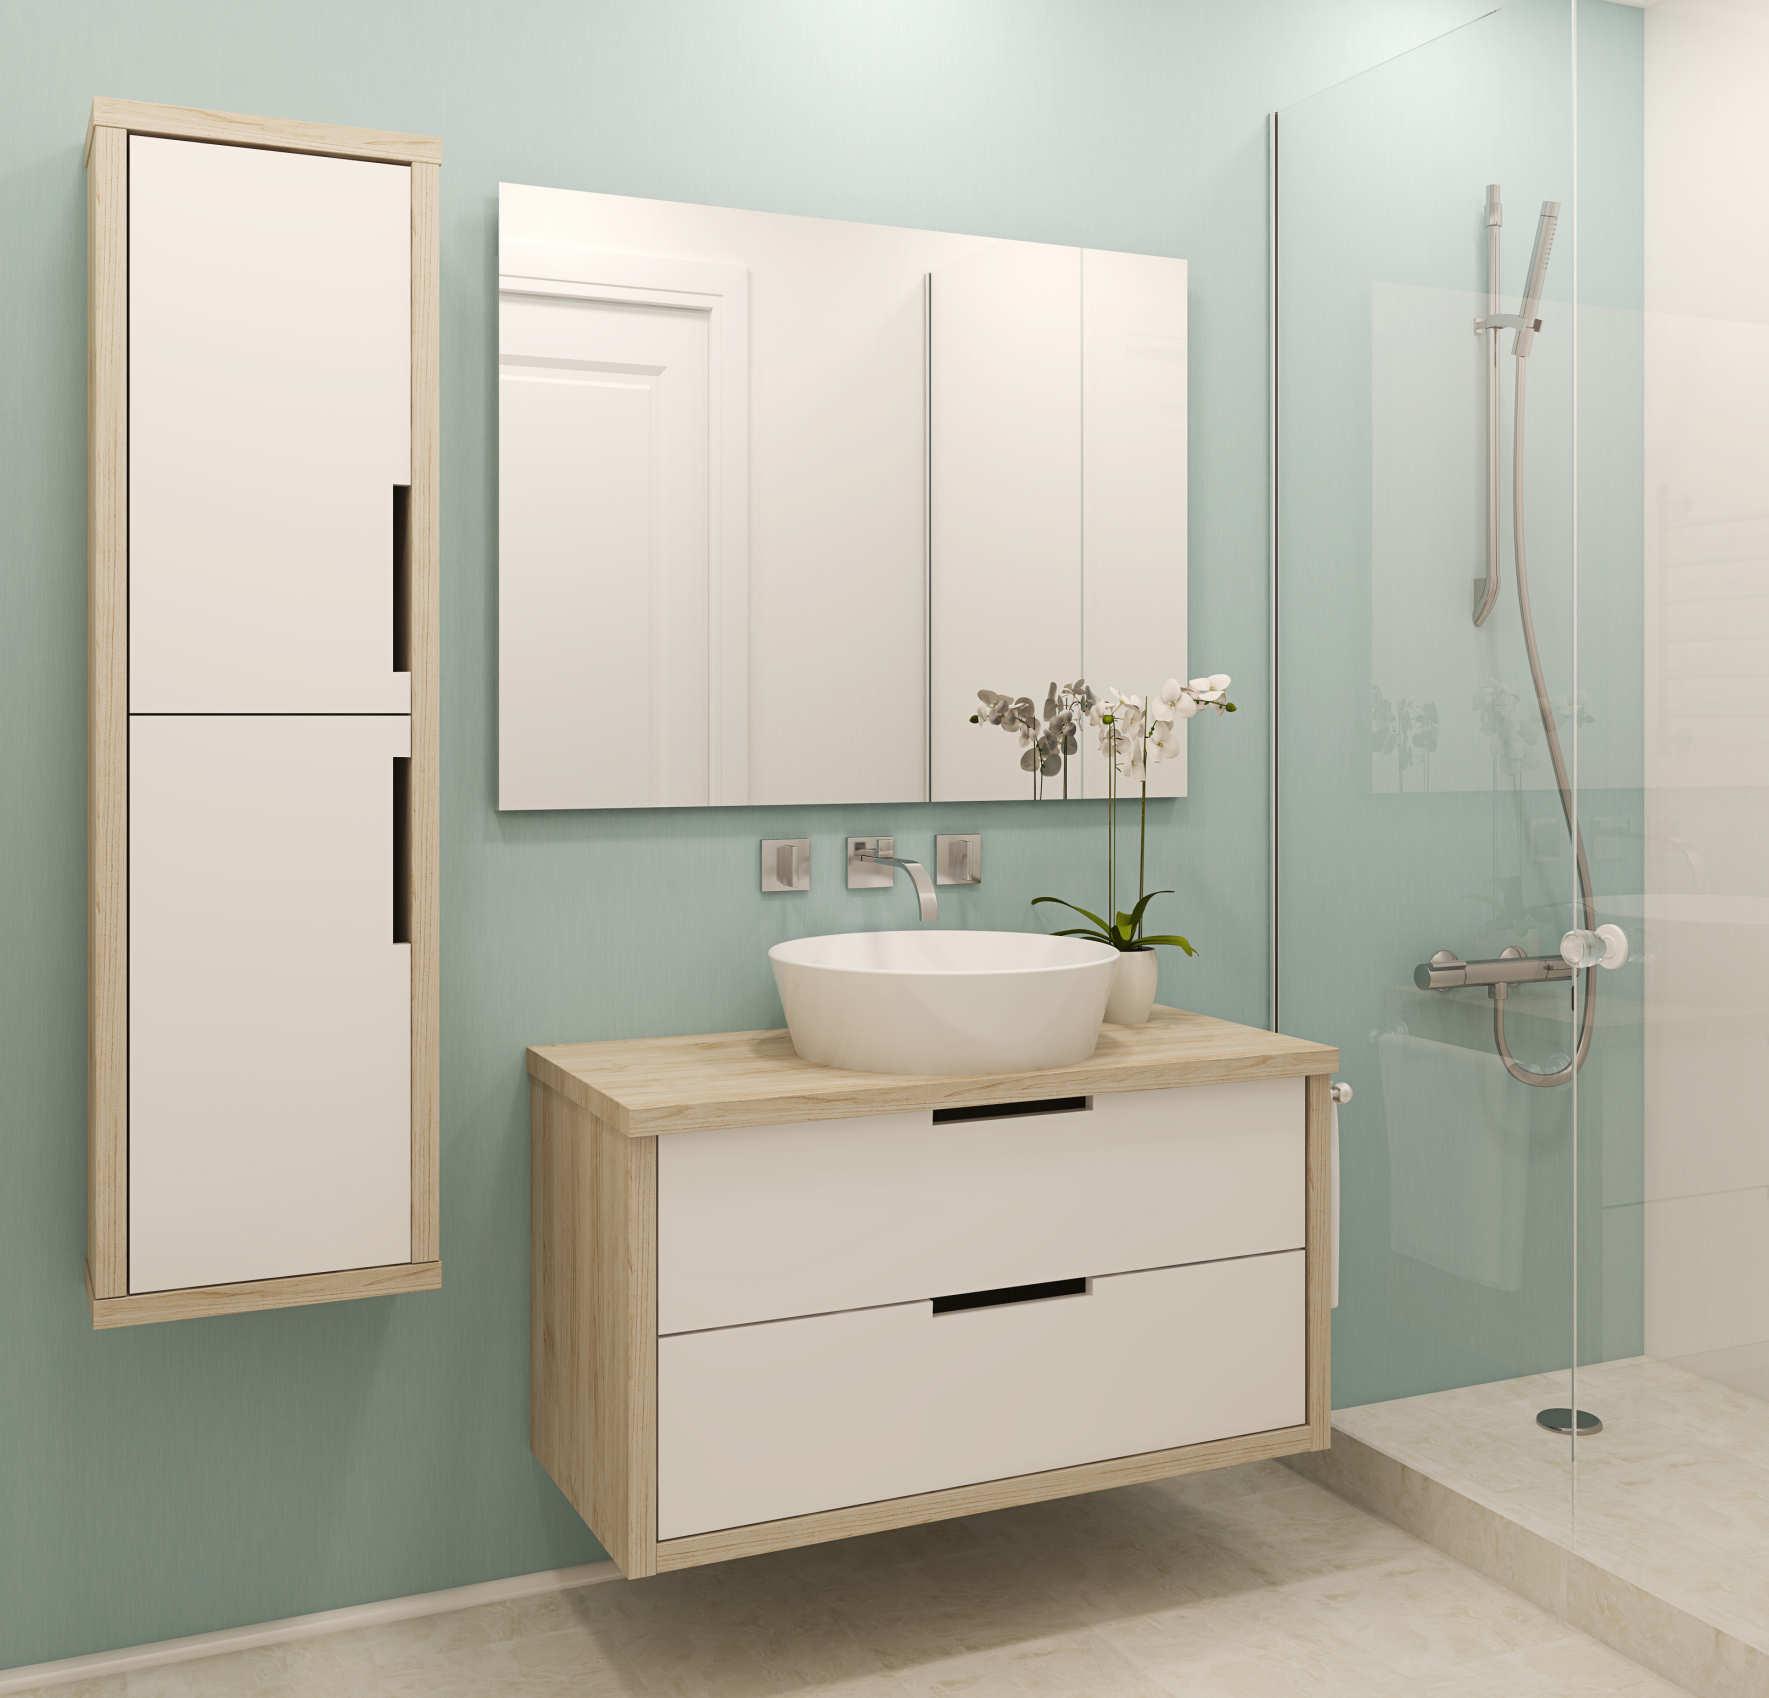 decorar lavabos antiguos : decorar lavabos antiguos:Muebles de baño minimalistas – iLamparas.com